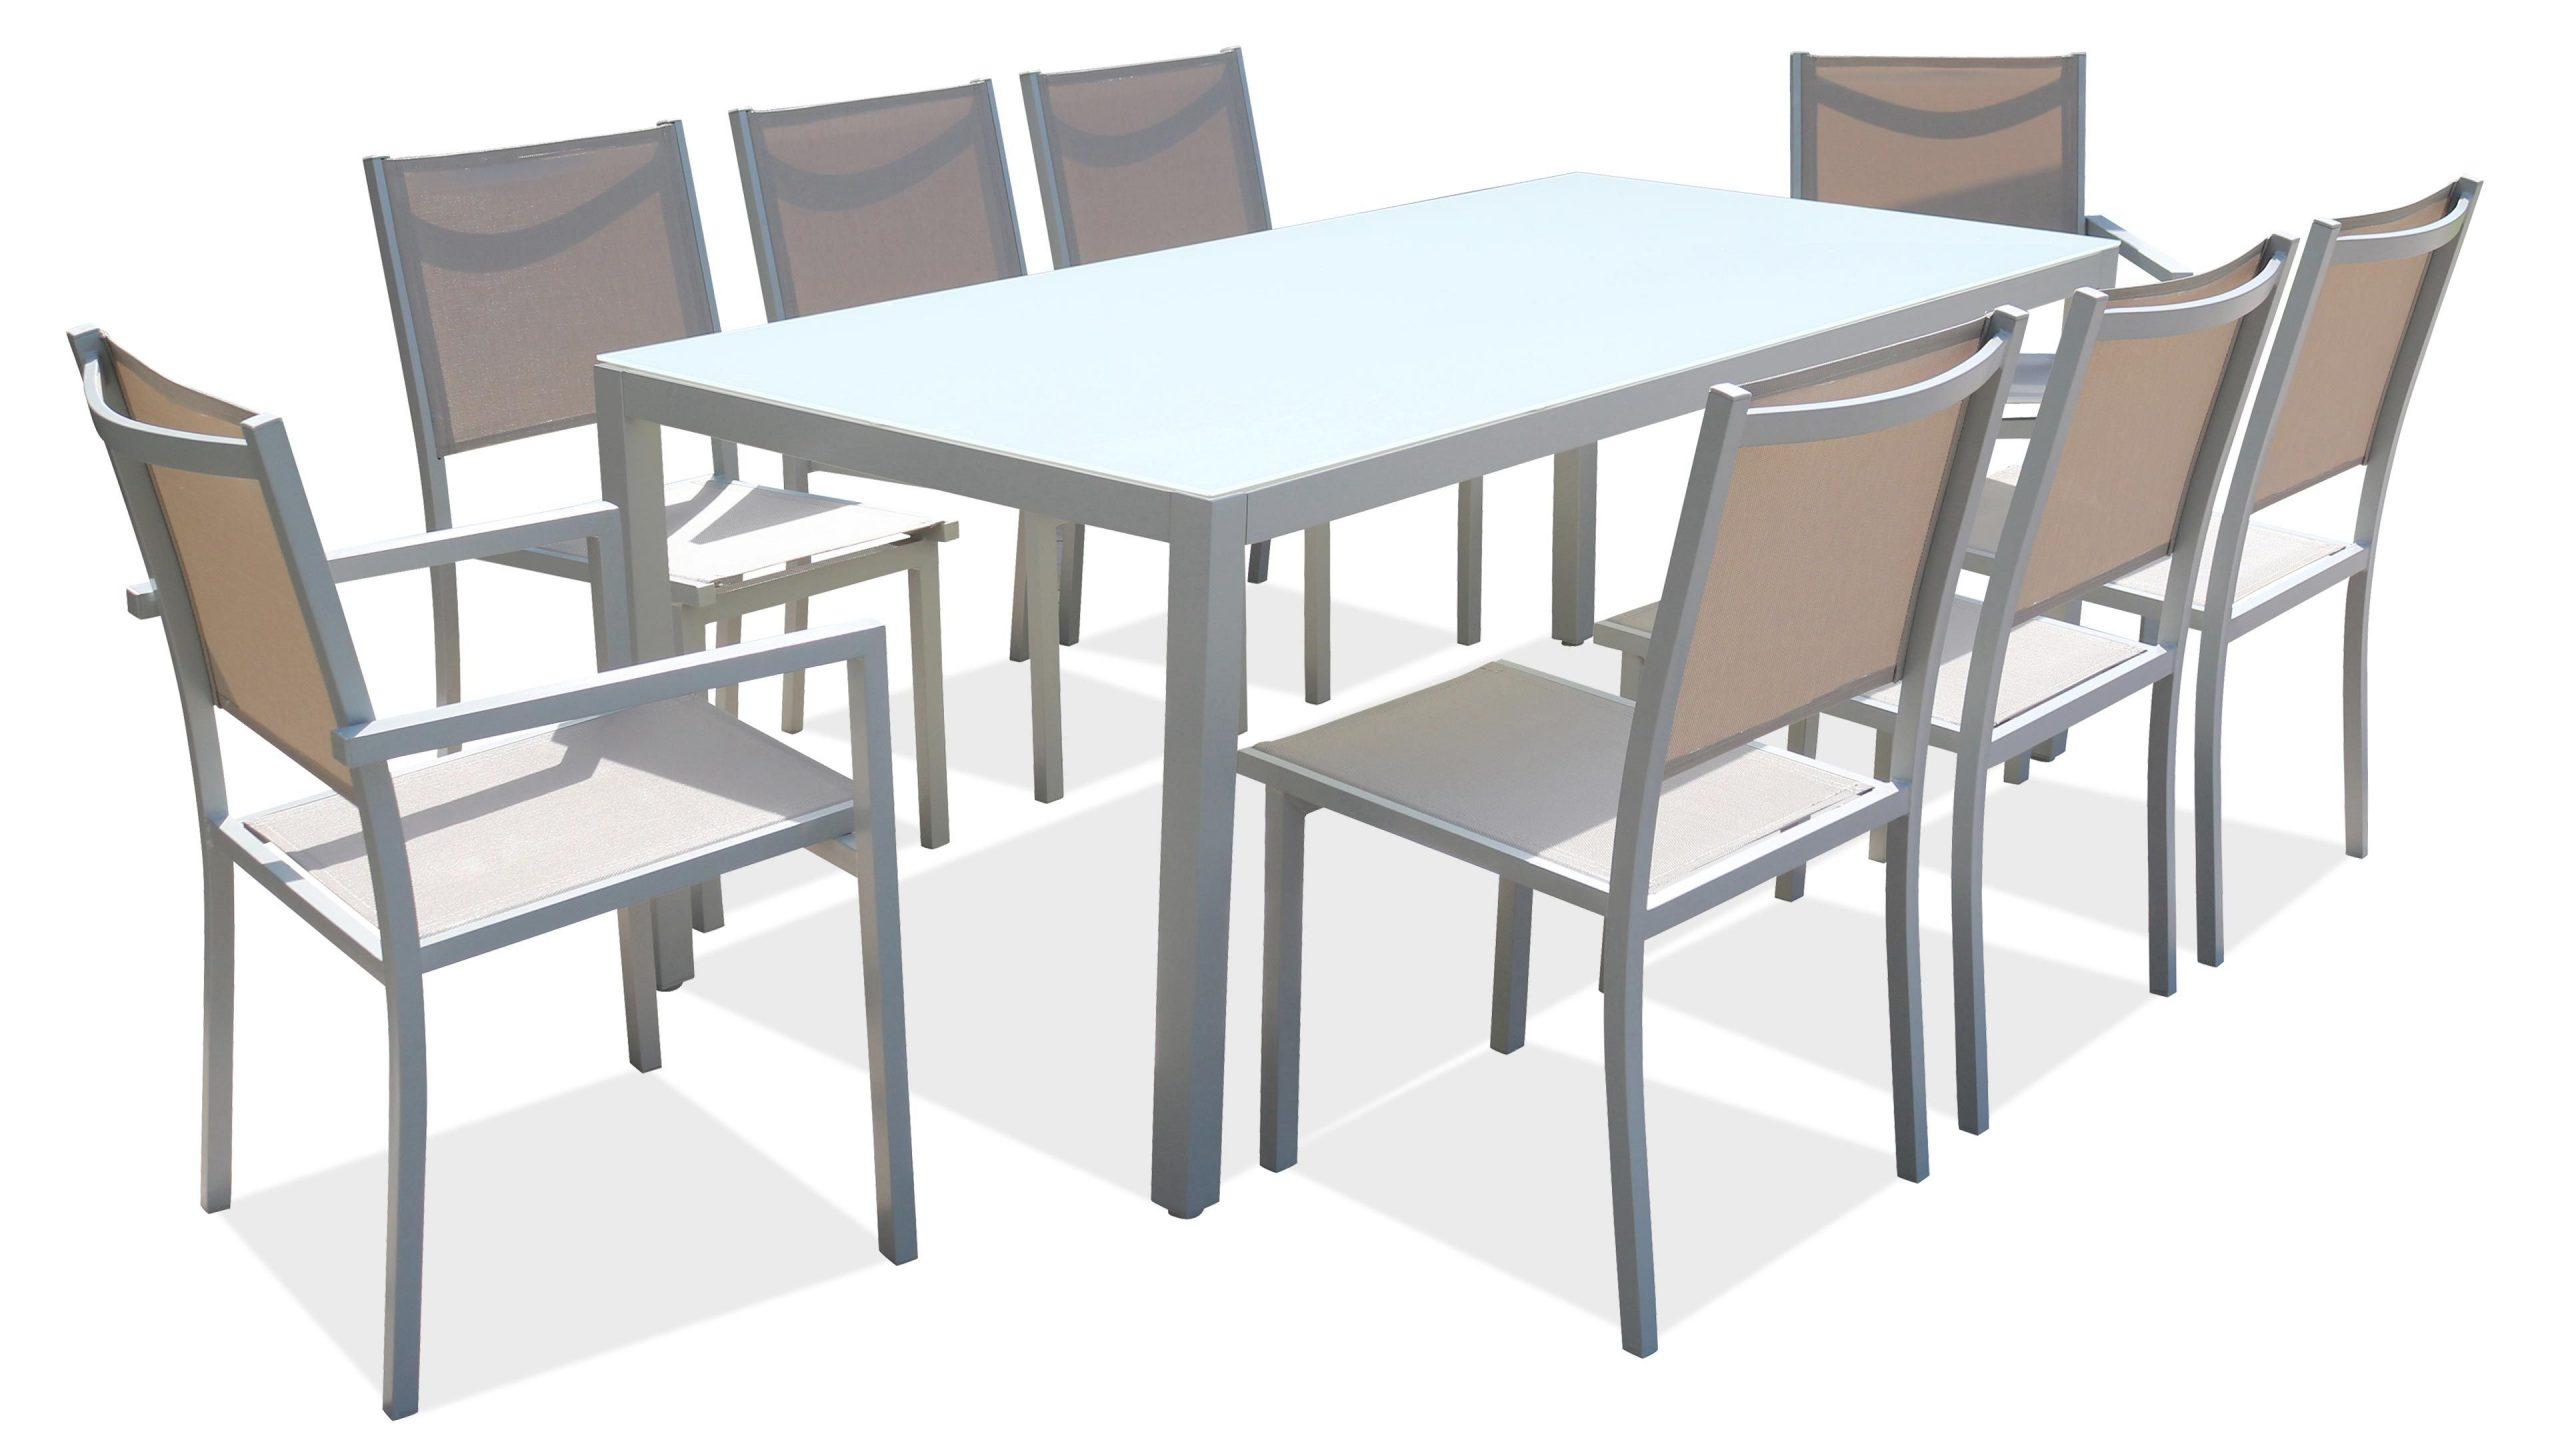 Salon De Jardin Aluminium Table De Jardin 8 Places encequiconcerne Table De Jardin Dessus Verre